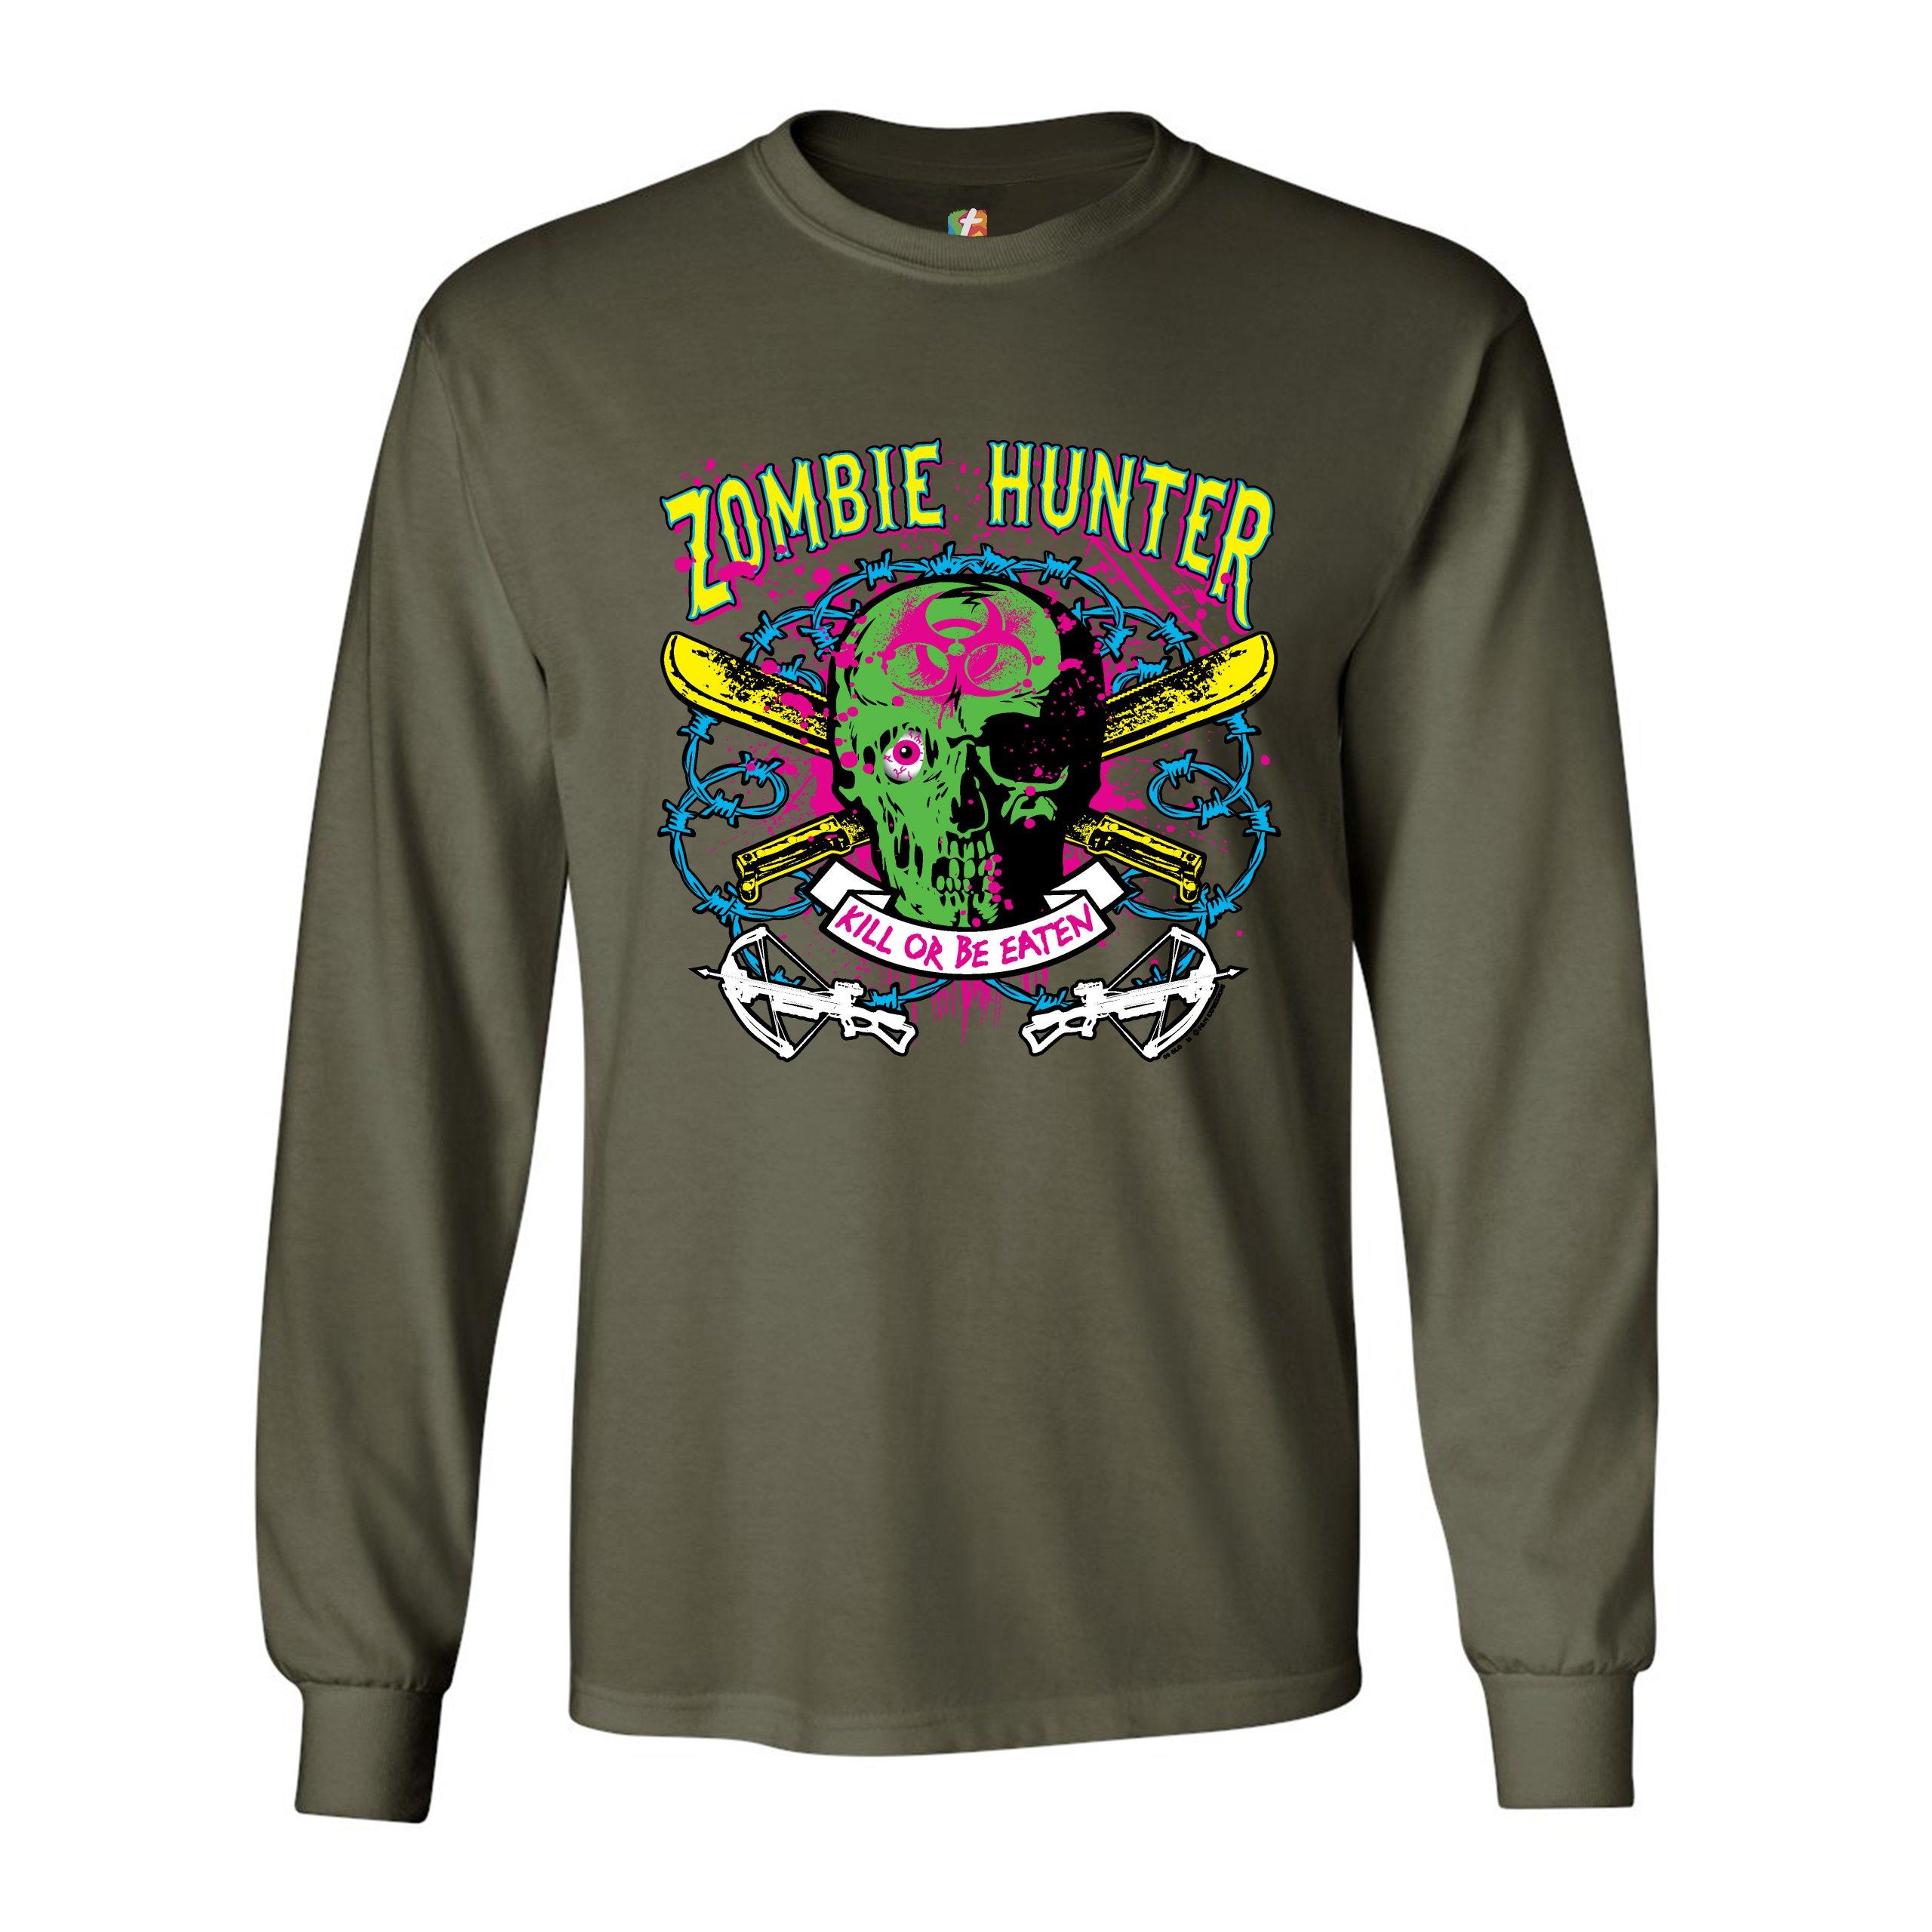 Zombie Hunter Glow in the Dark Tank Top Halloween Undead Apocalypse Men/'s Top